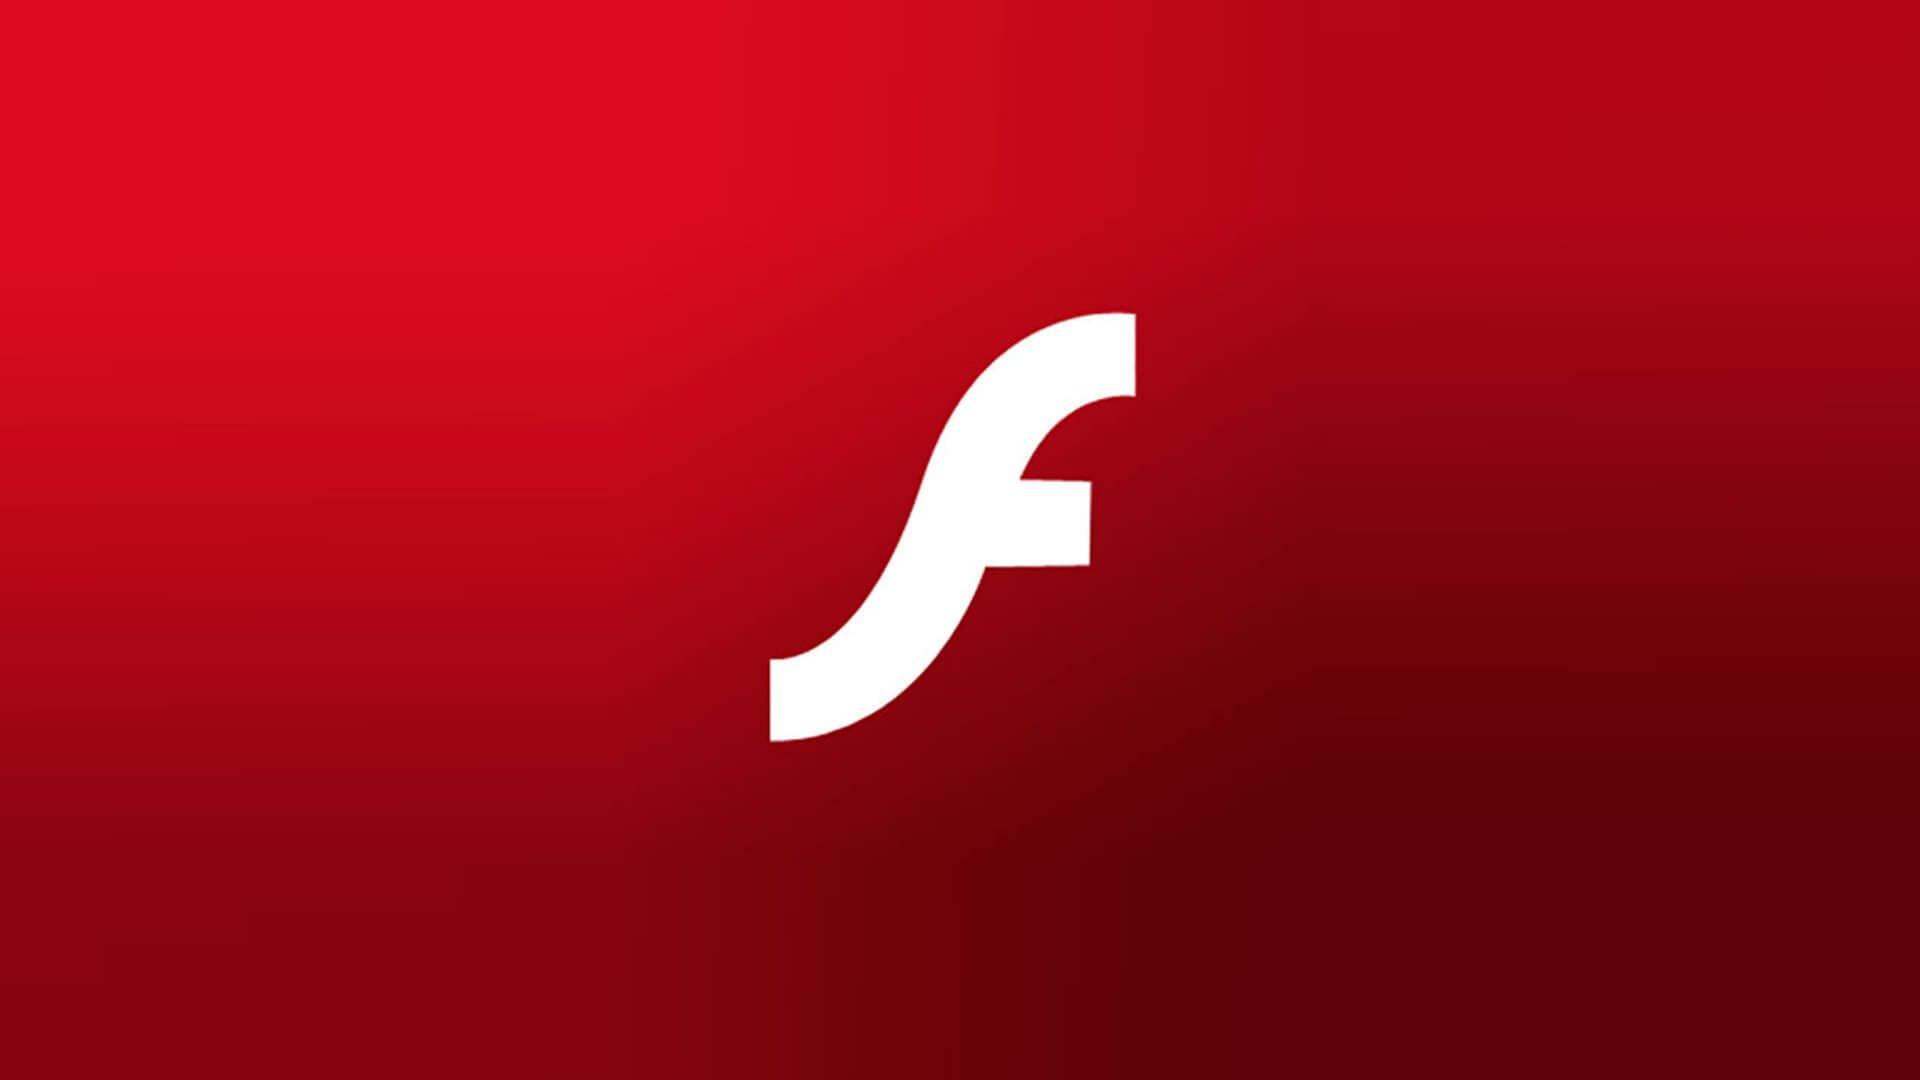 Oficjalny koniec wsparcia Adobe Flash właśnie nastąpił!